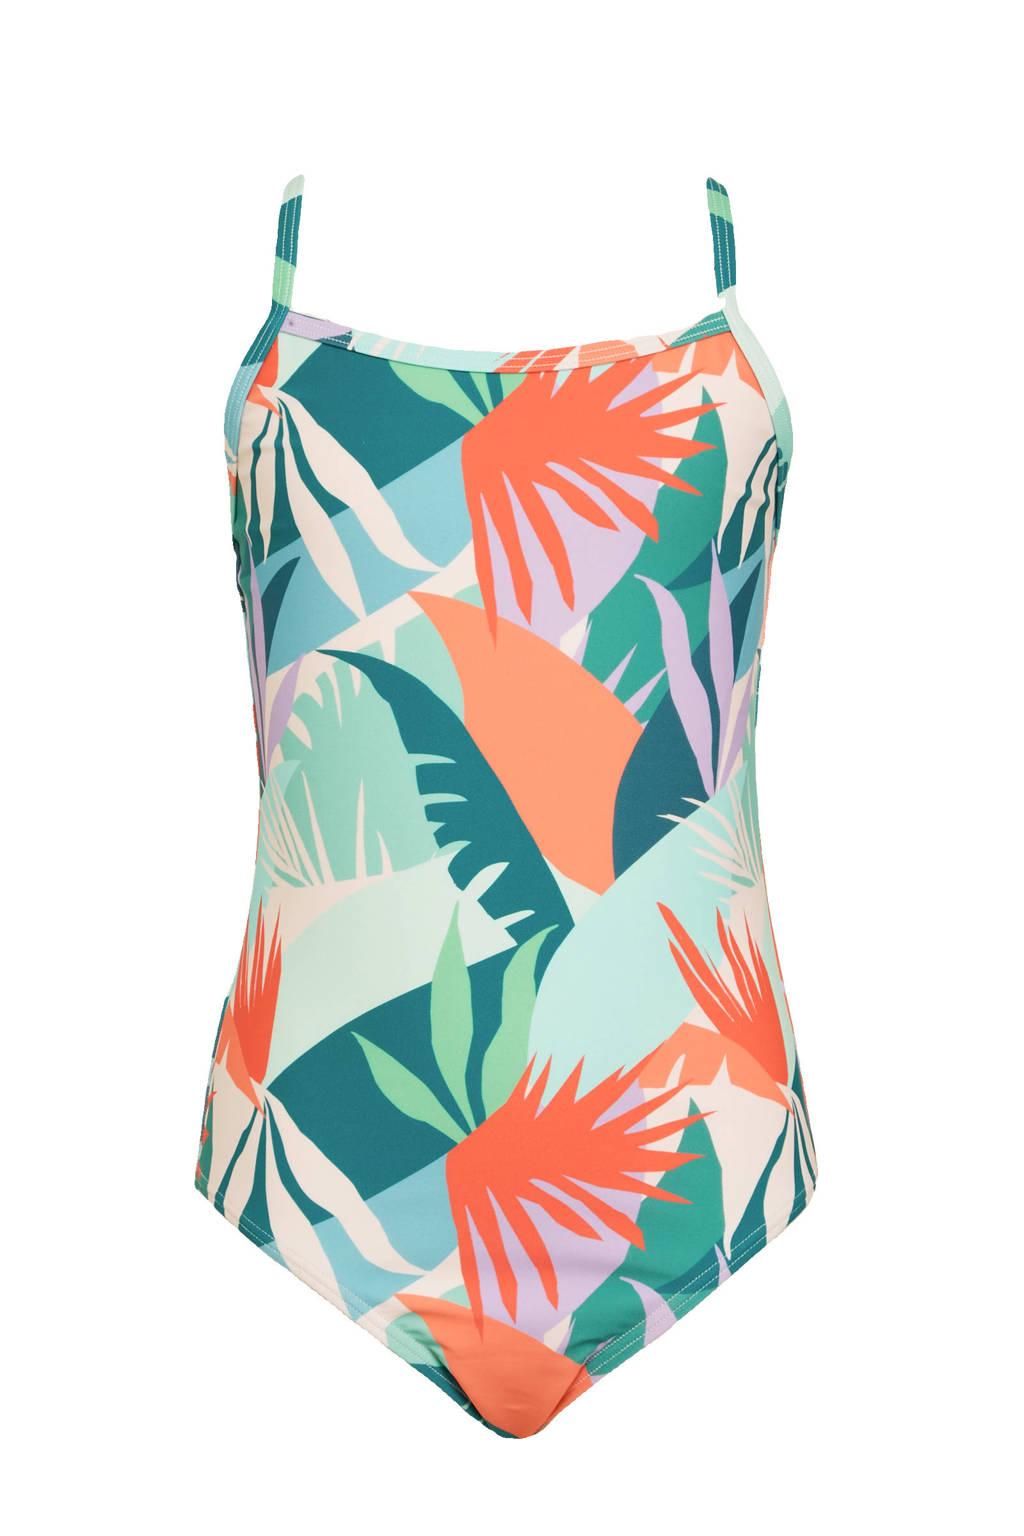 BEACHWAVE meisjes badpak met all over print groen/oranje, Groen/oranje